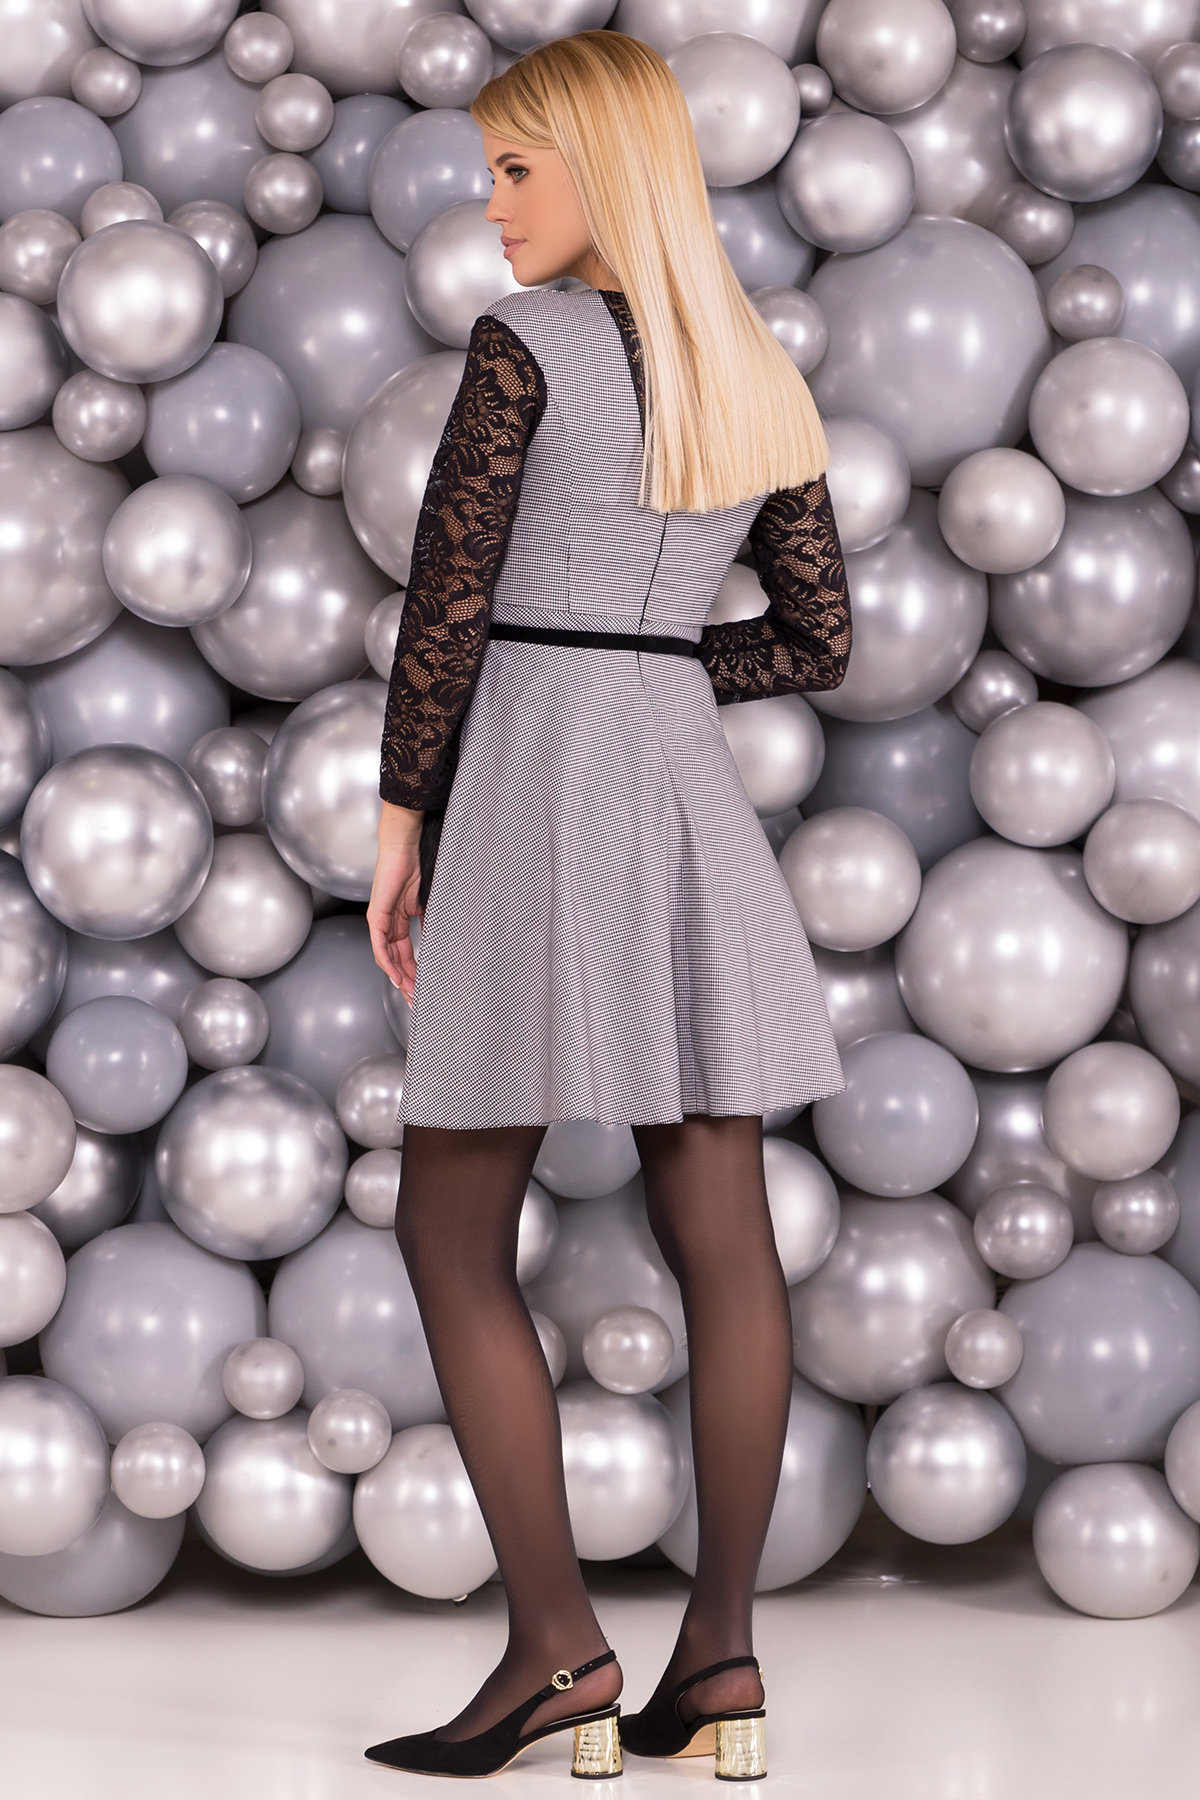 Платье с гипюровыми вставками Кассия 3851 Цвет: Черный/белый1/1